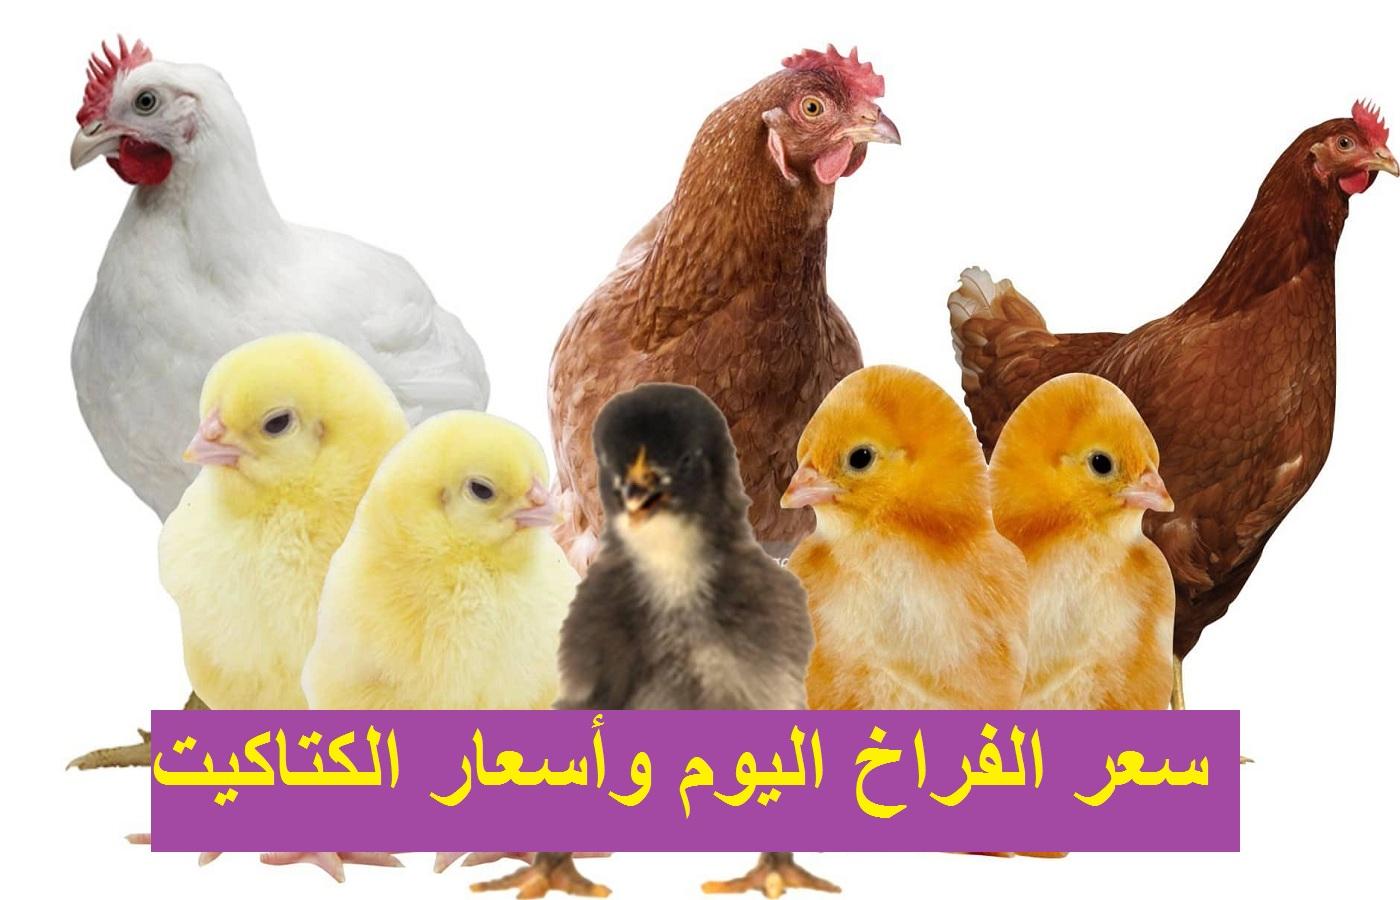 سعر الفراخ البيضاء اليوم السبت 23 أكتوبر وأسعار الفراخ الساسو والكتكوت الأبيض 7